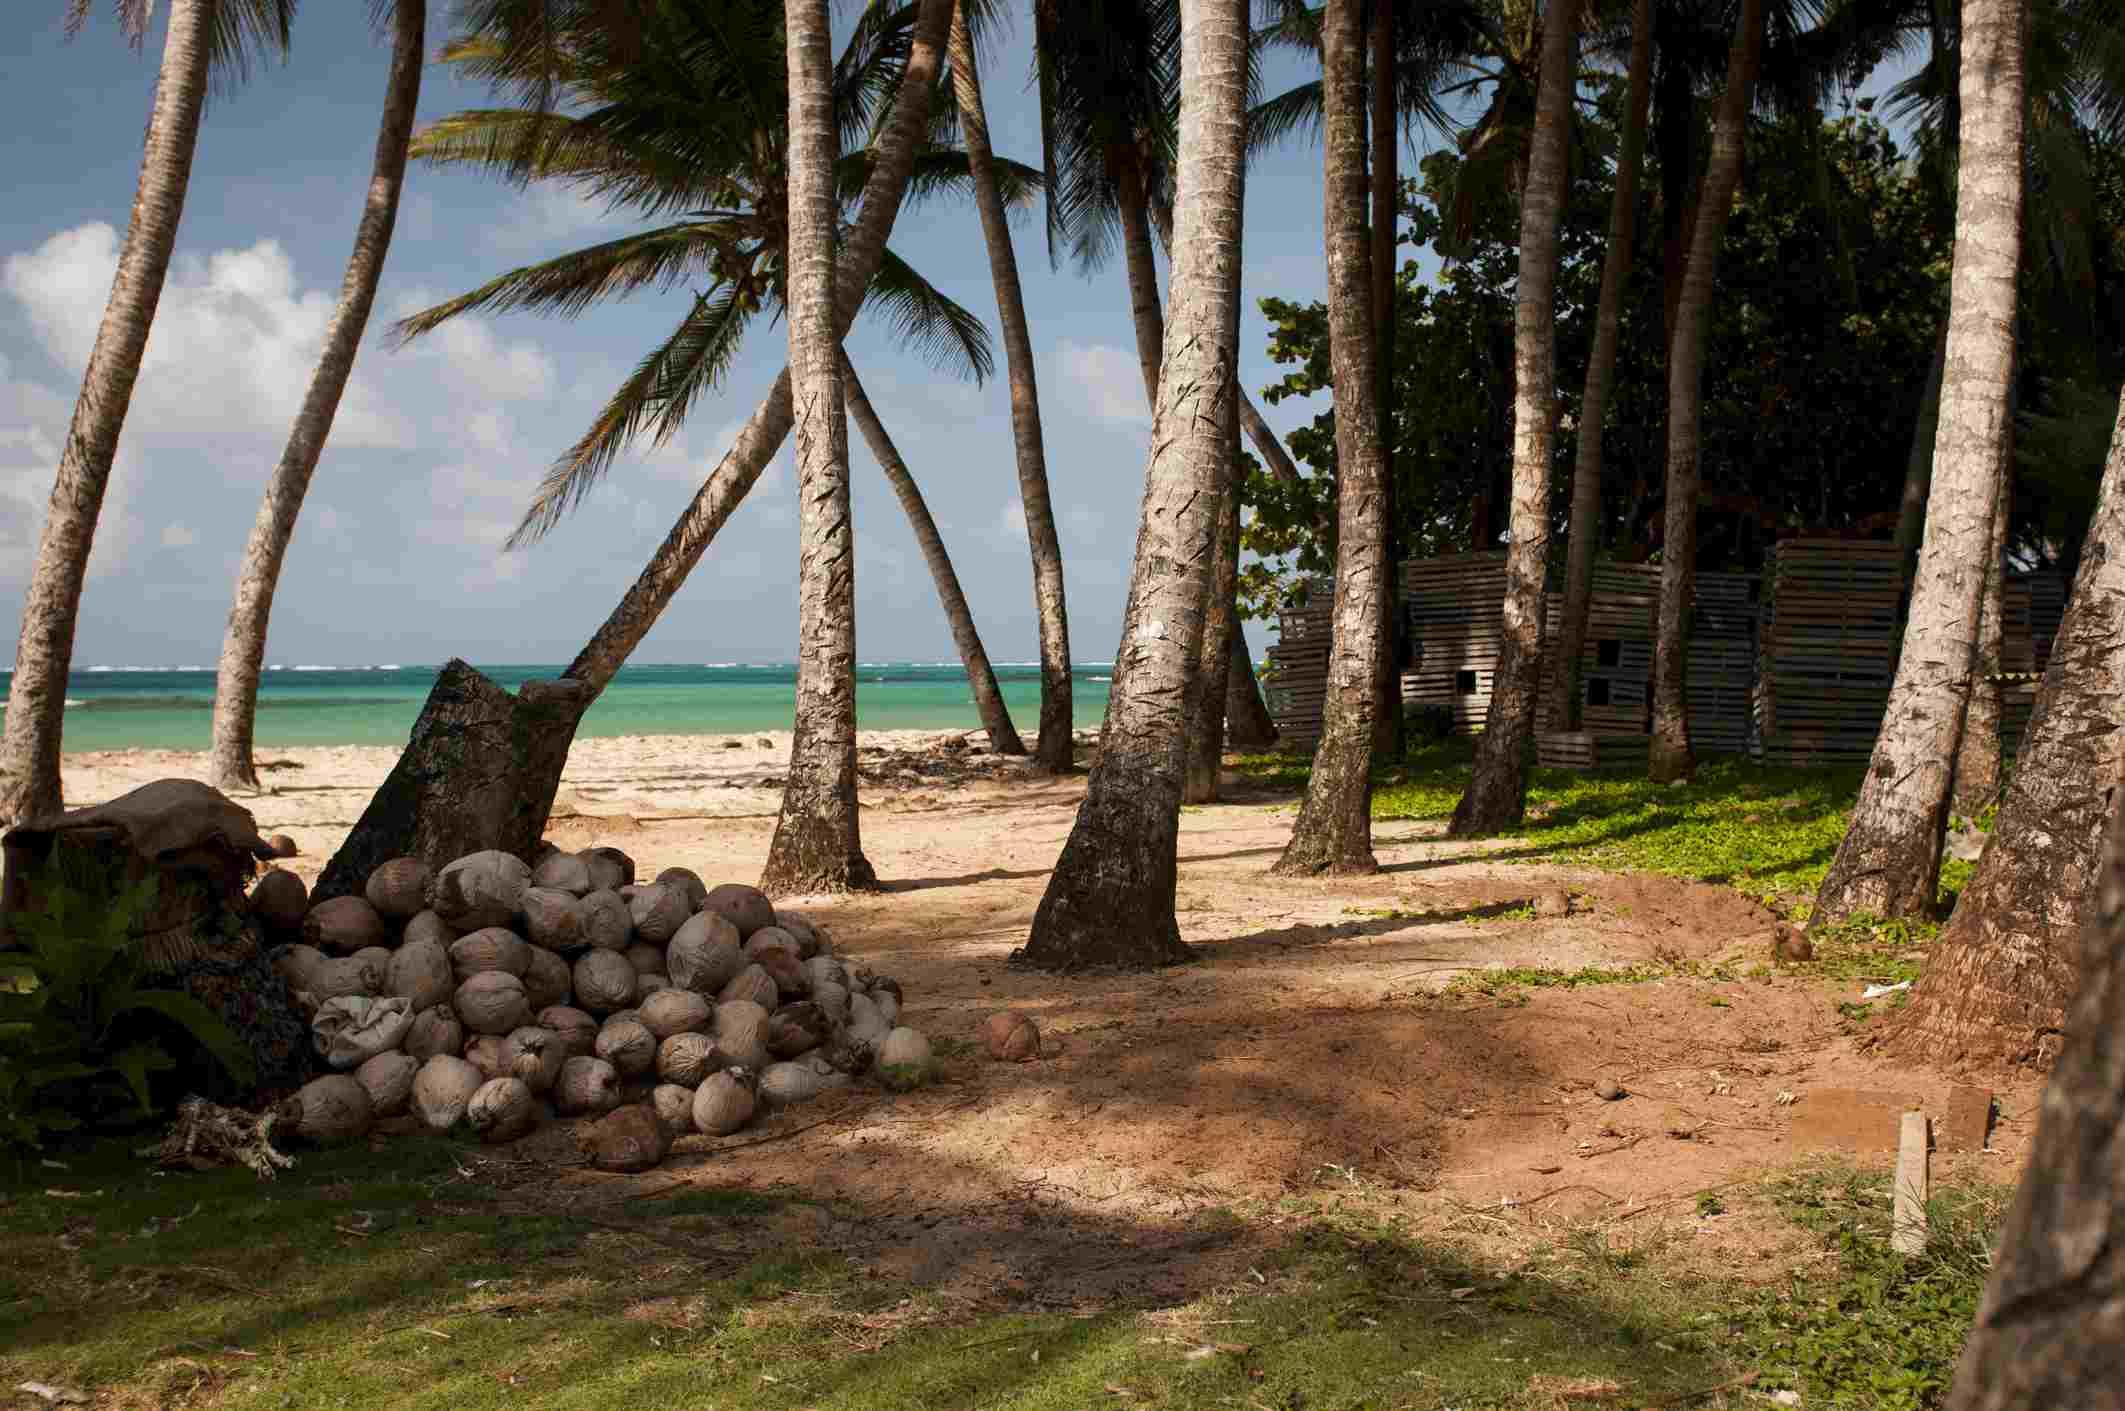 Pila de cocos y palmeras en la playa de Little Corn Island, Nicaragua